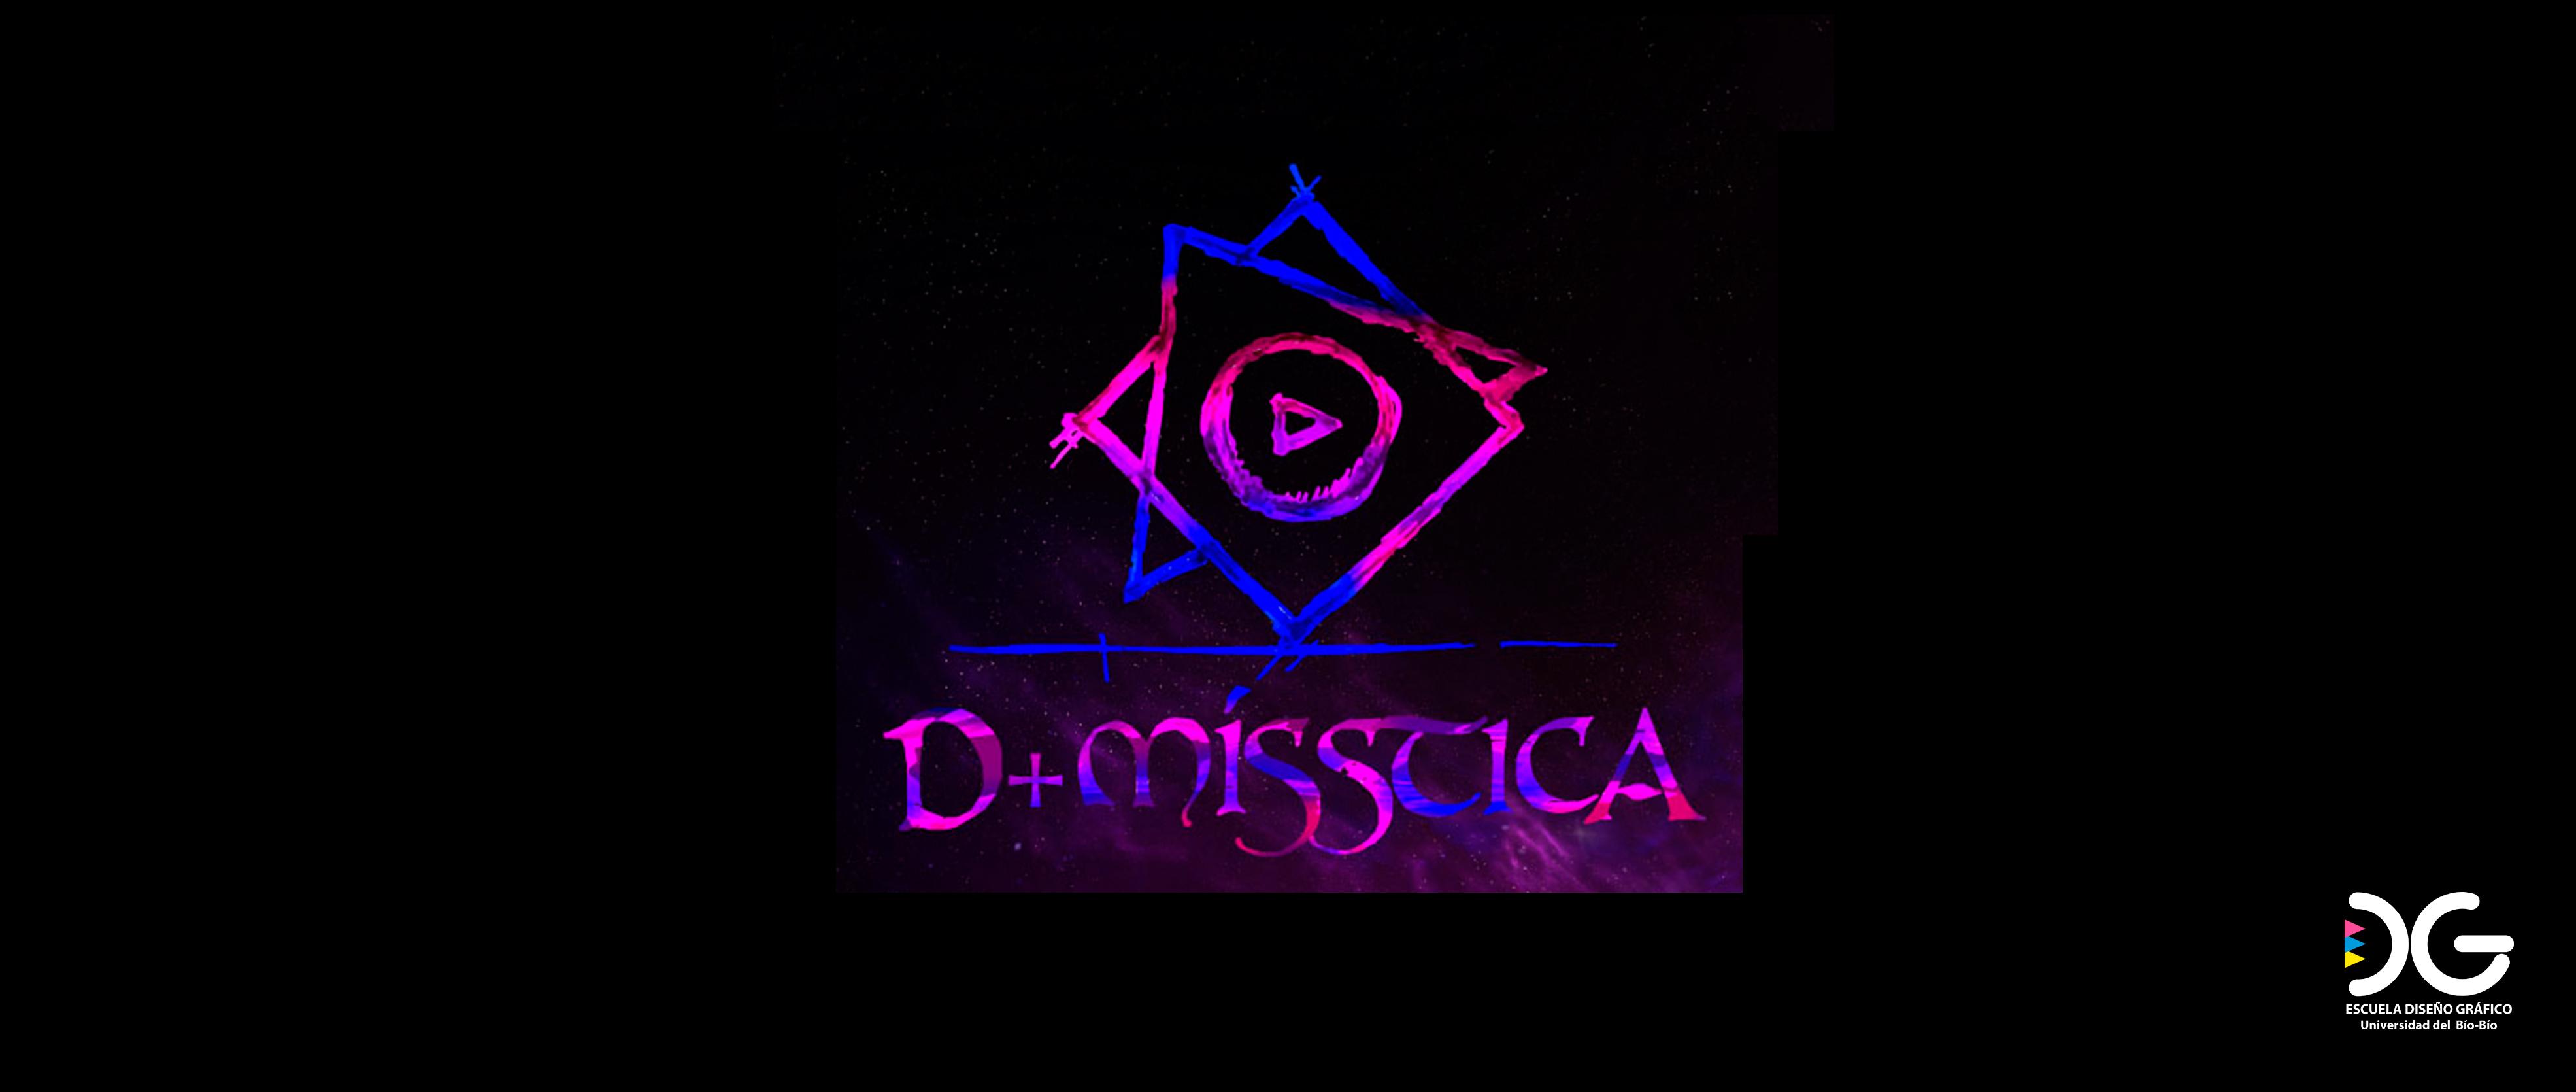 D+MISSTICA : Evento en Desarrollo